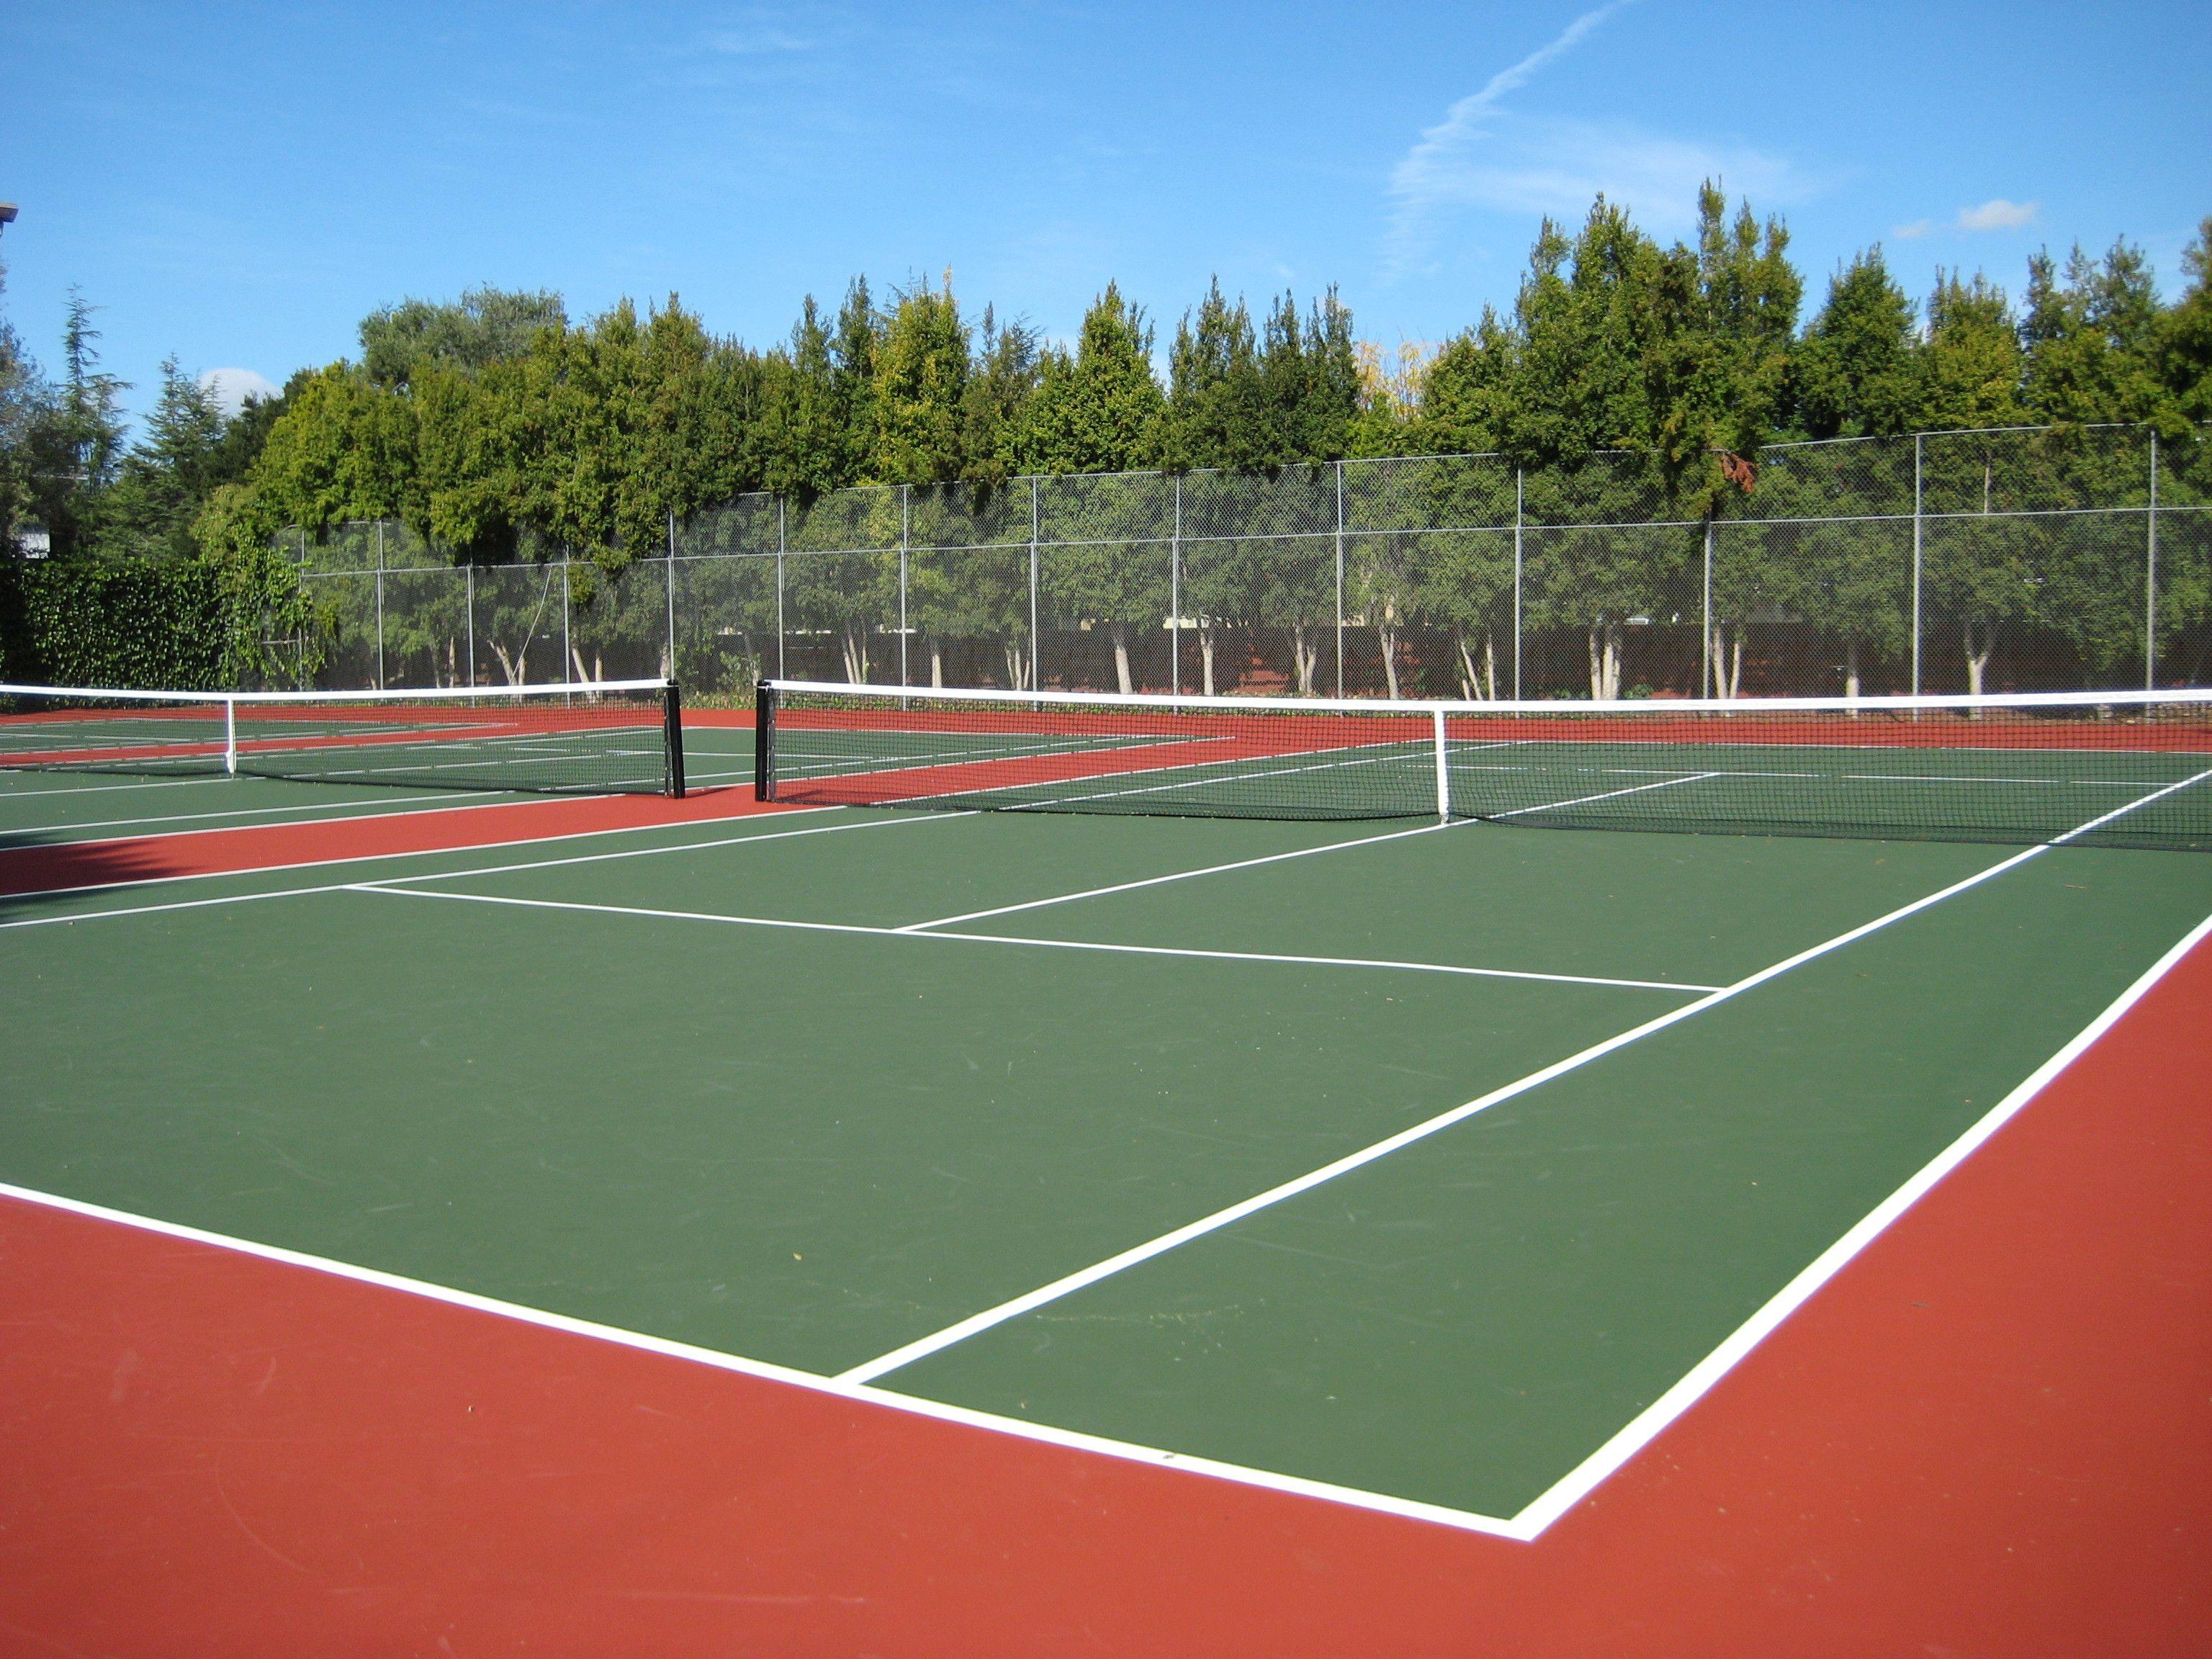 Novi/Farmington Area Tennis Group - Intermediate